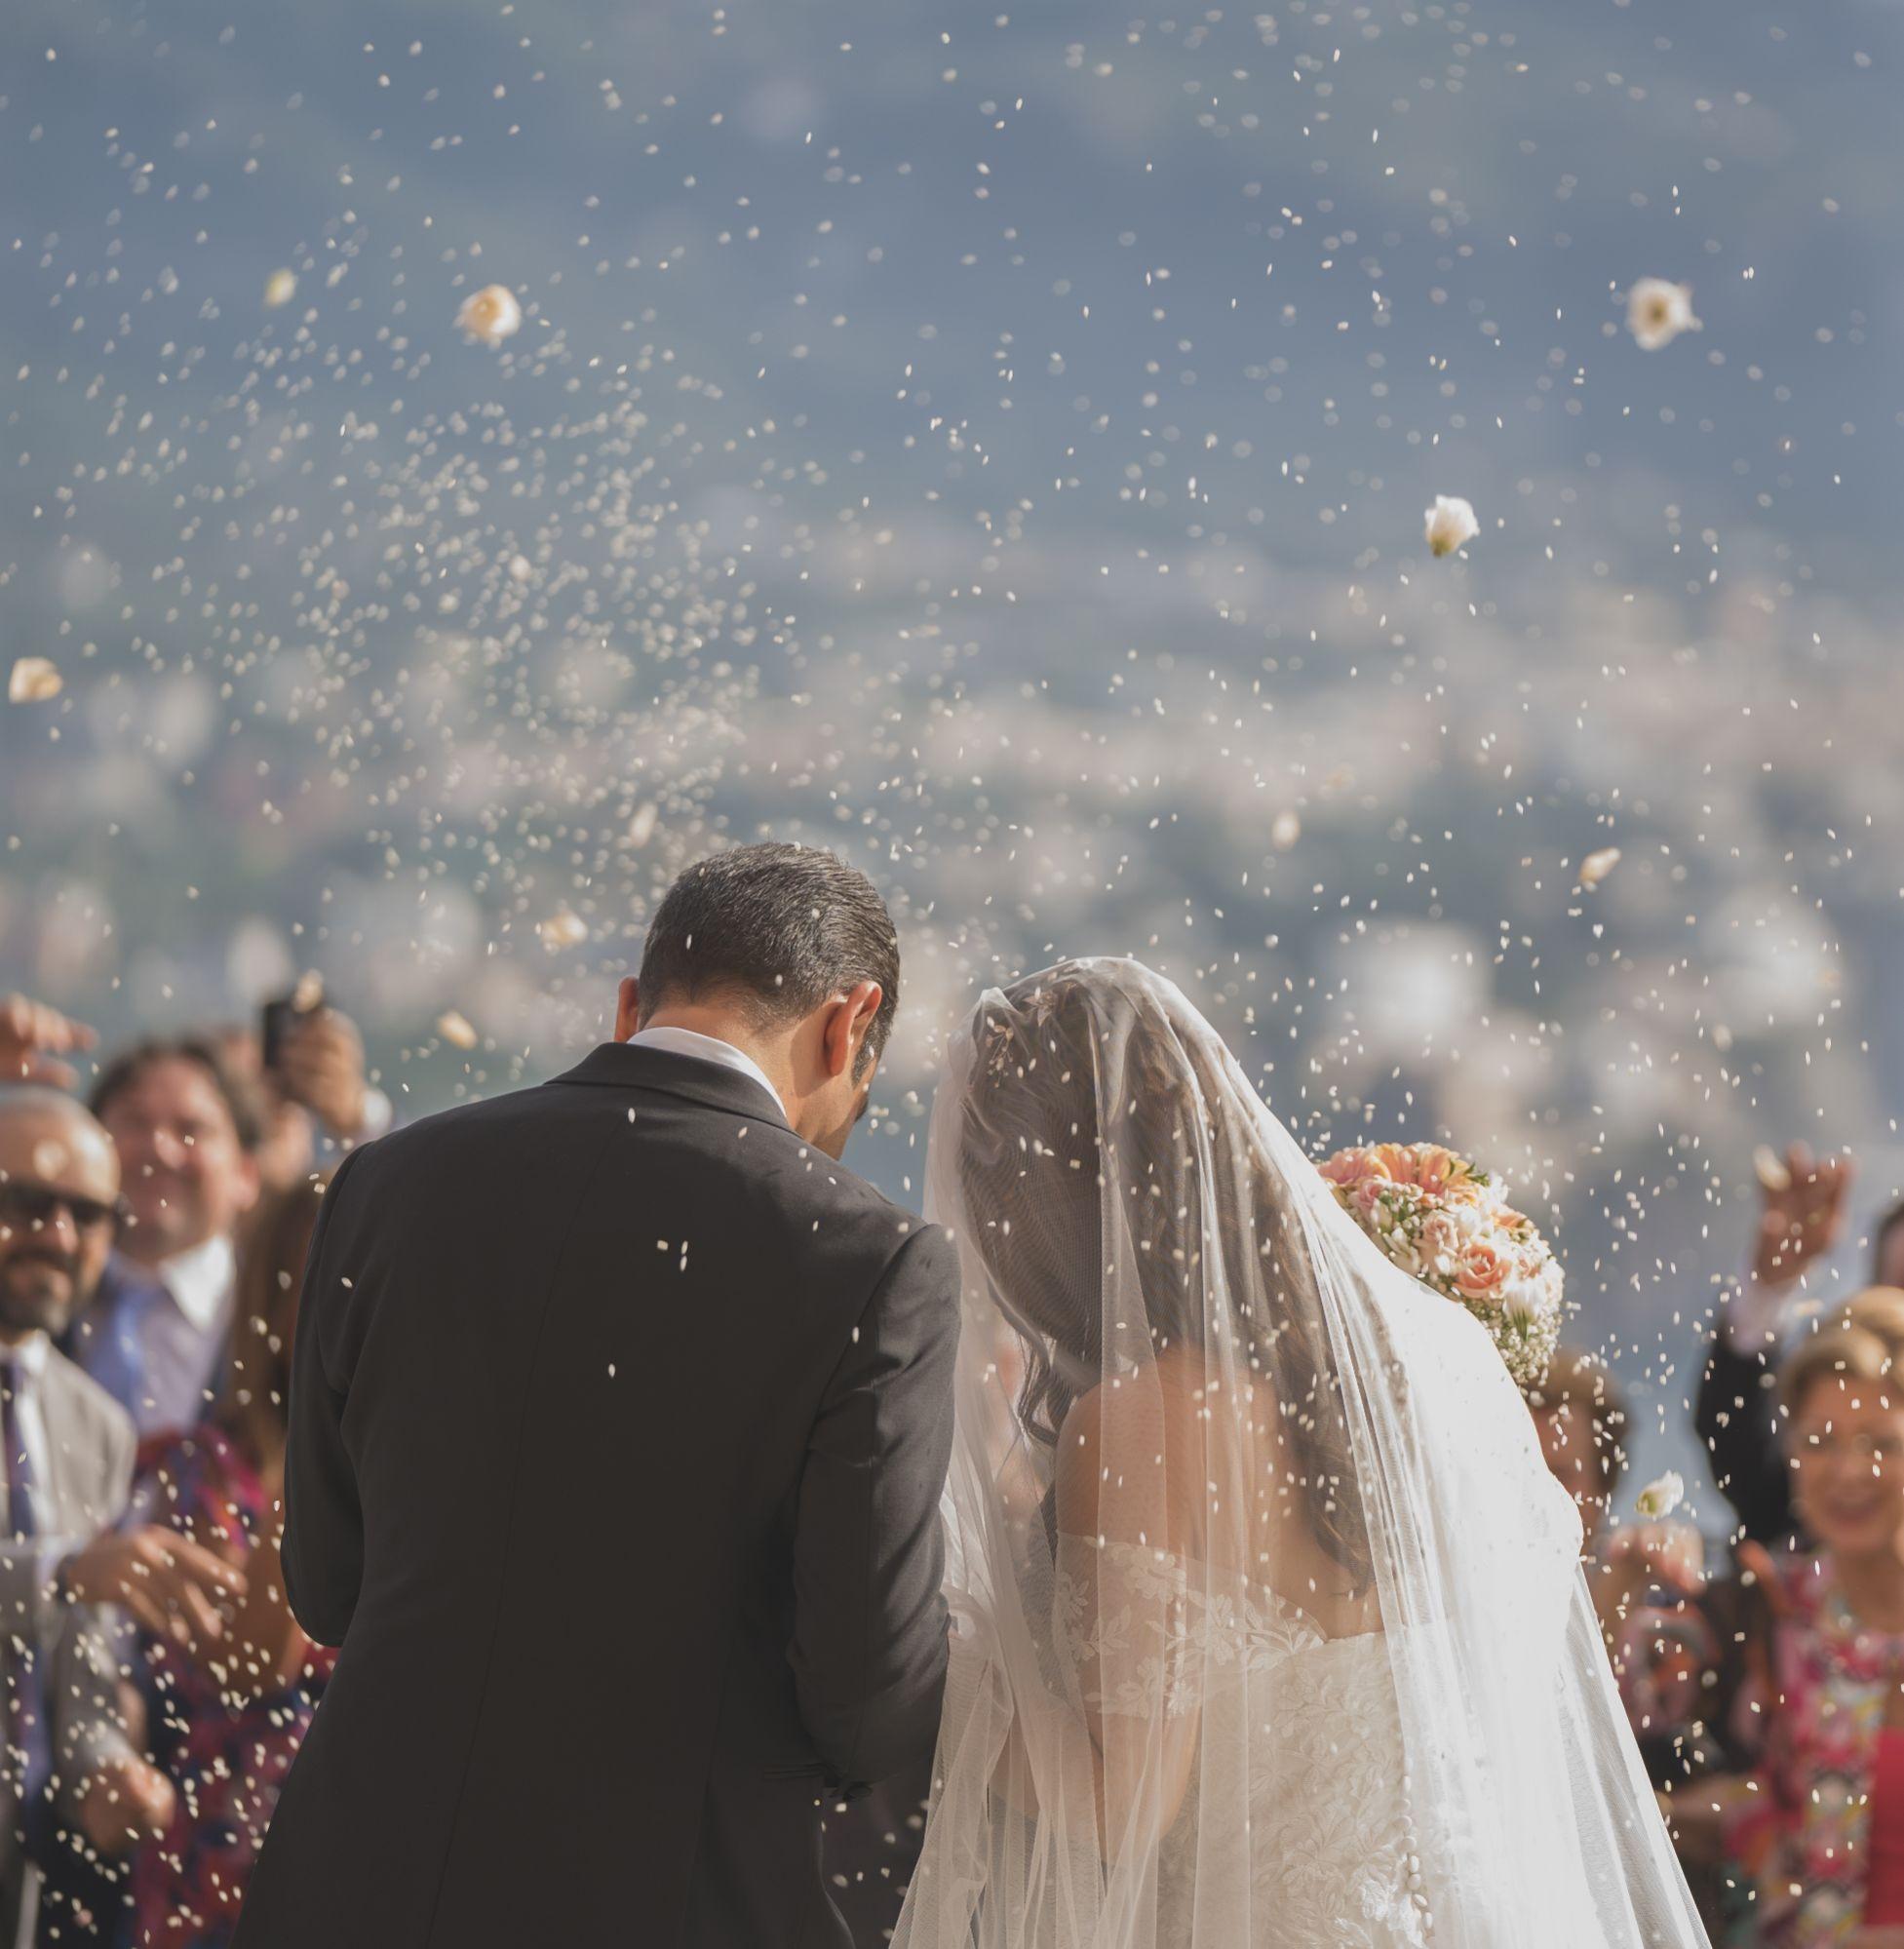 EXCLUSIVE WEDDING ON LAKE ORTE, ITALY